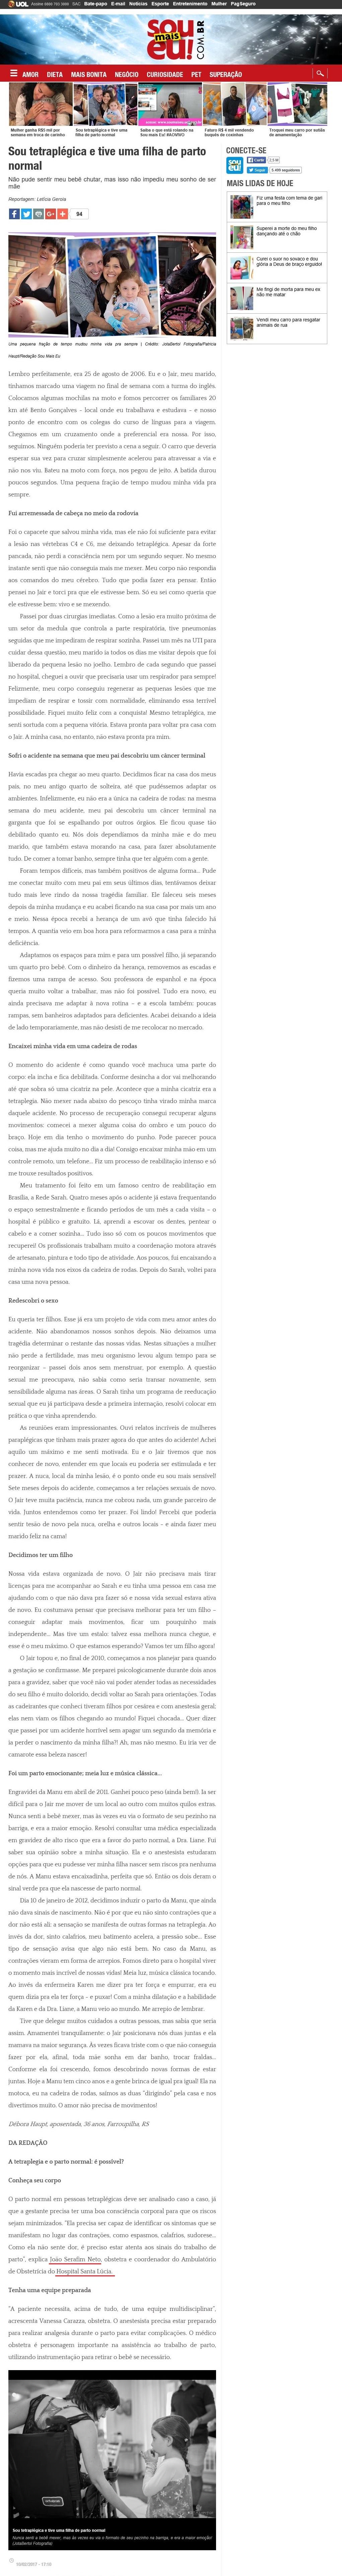 Revista Sou Mais Eu (Ed. CARAS) - Dr. João Serafim HSL - 13-02-2017